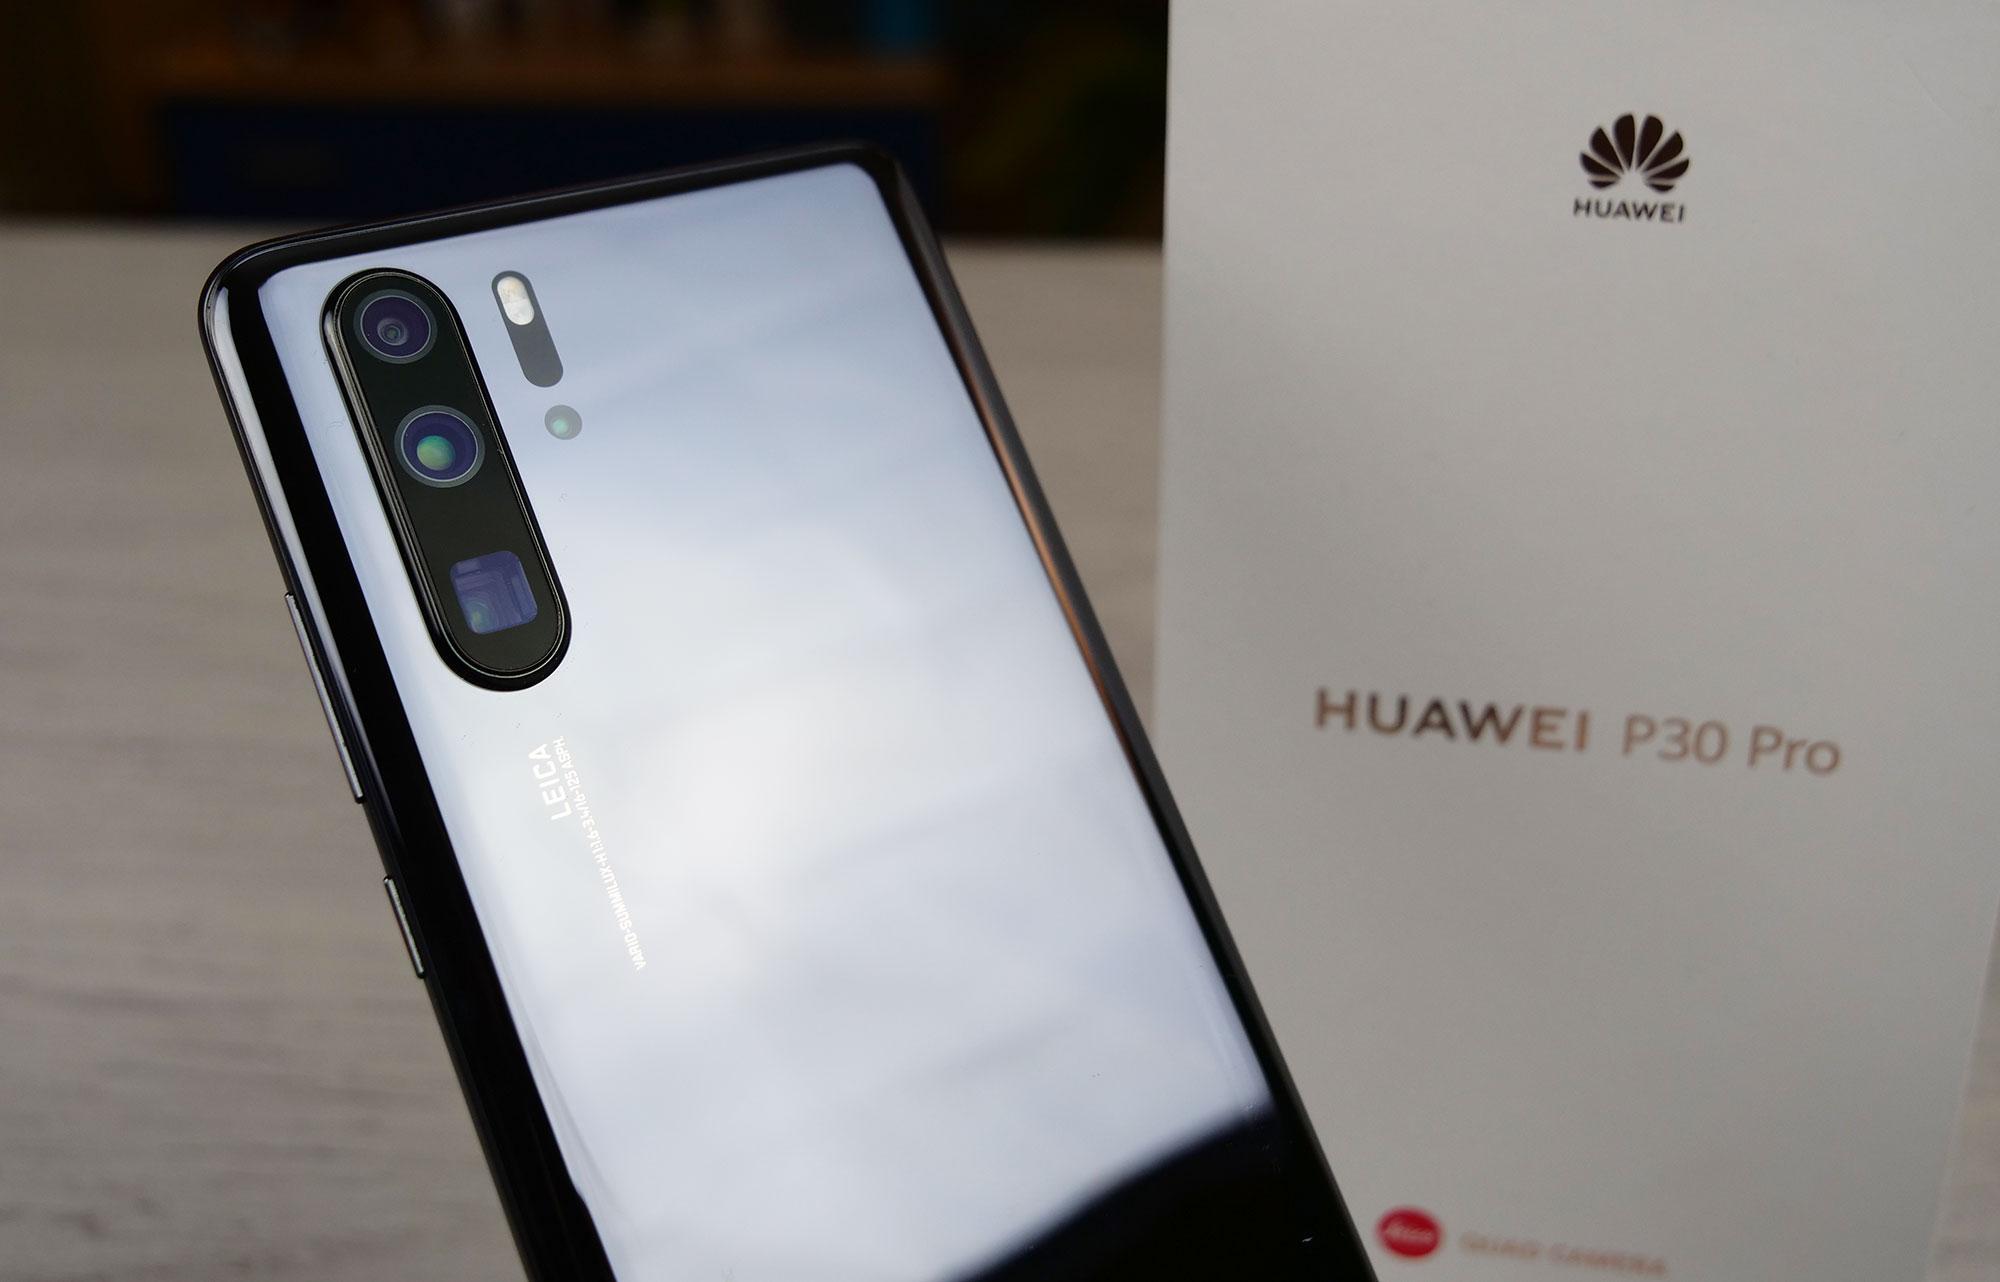 Recensione Huawei P30 Pro: il miglior camera phone sul mercato thumbnail